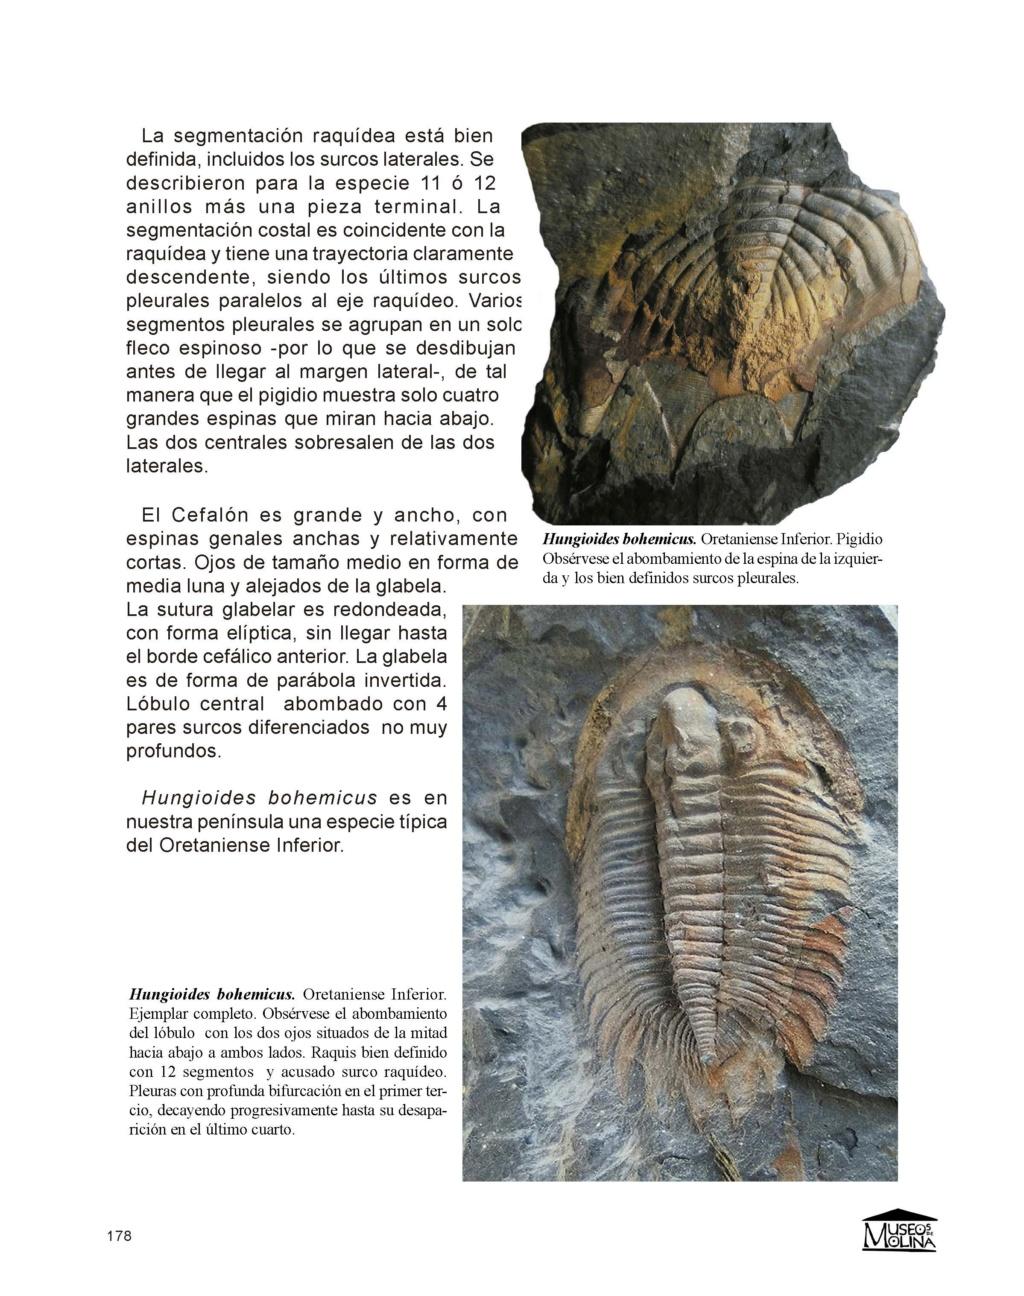 SEGUNDA EDICIÓN -  Guía de Trilobites del Ordovícico Medio de Castilla-La Mancha y Extremadura Fondos10